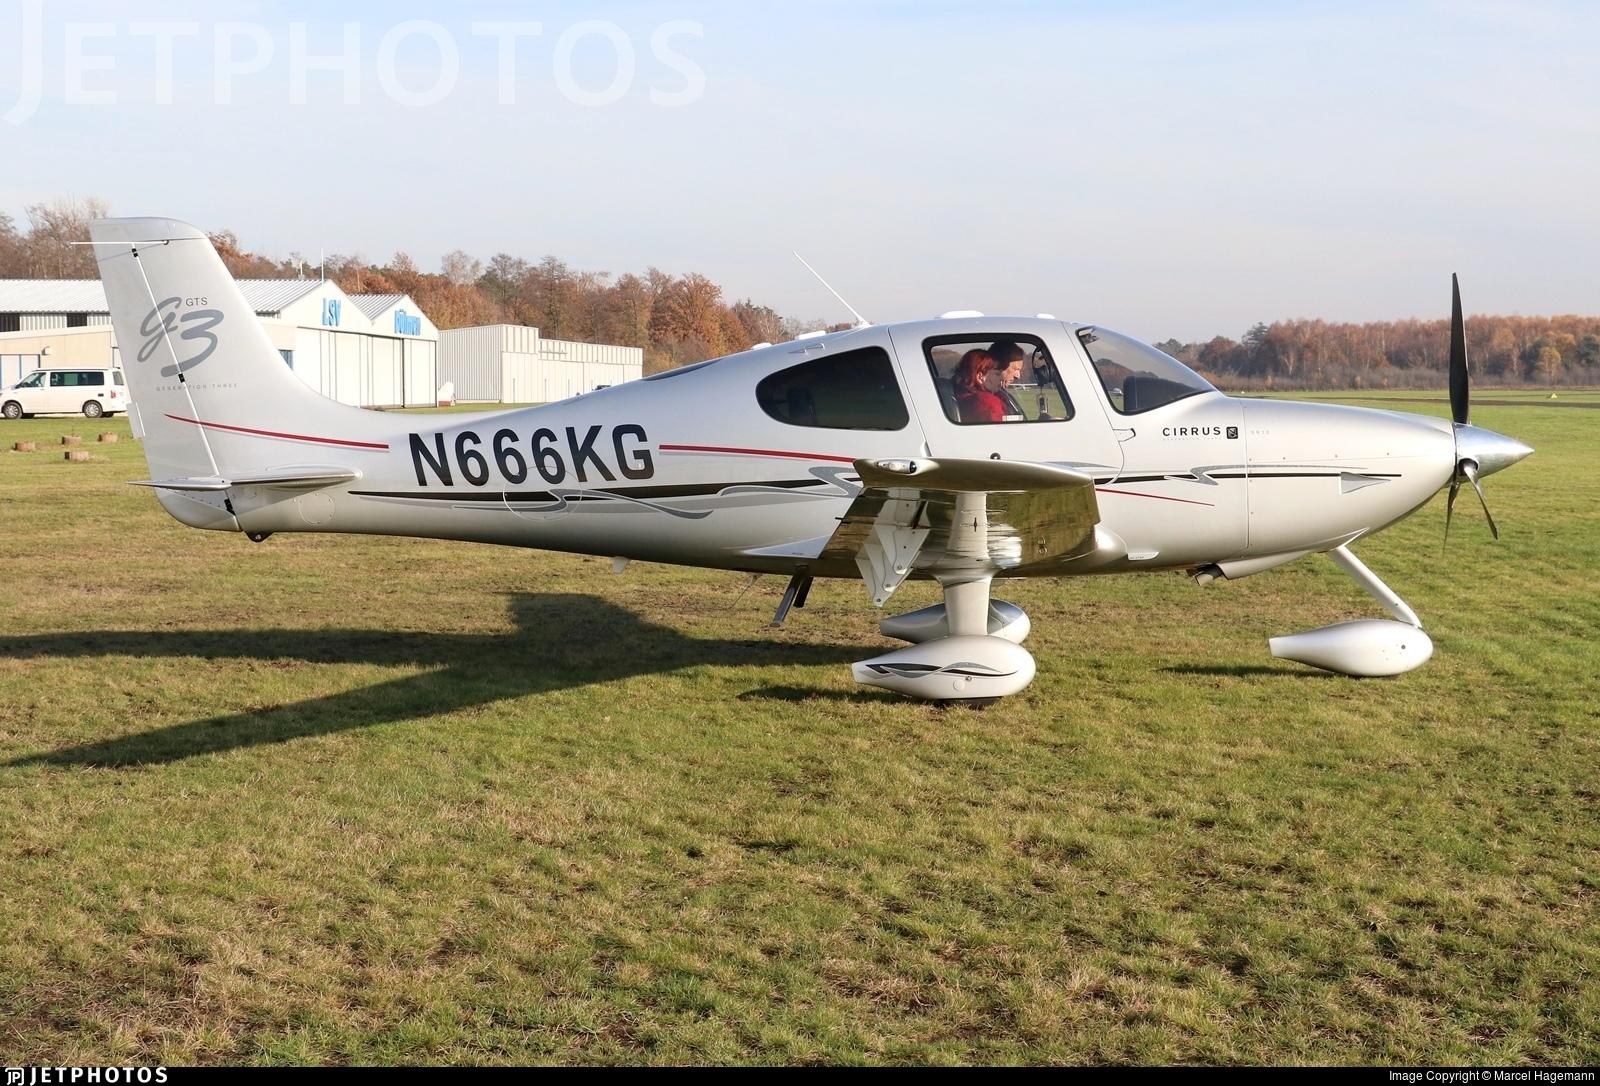 N666KG - Cirrus SR22-GTS G3 - Private